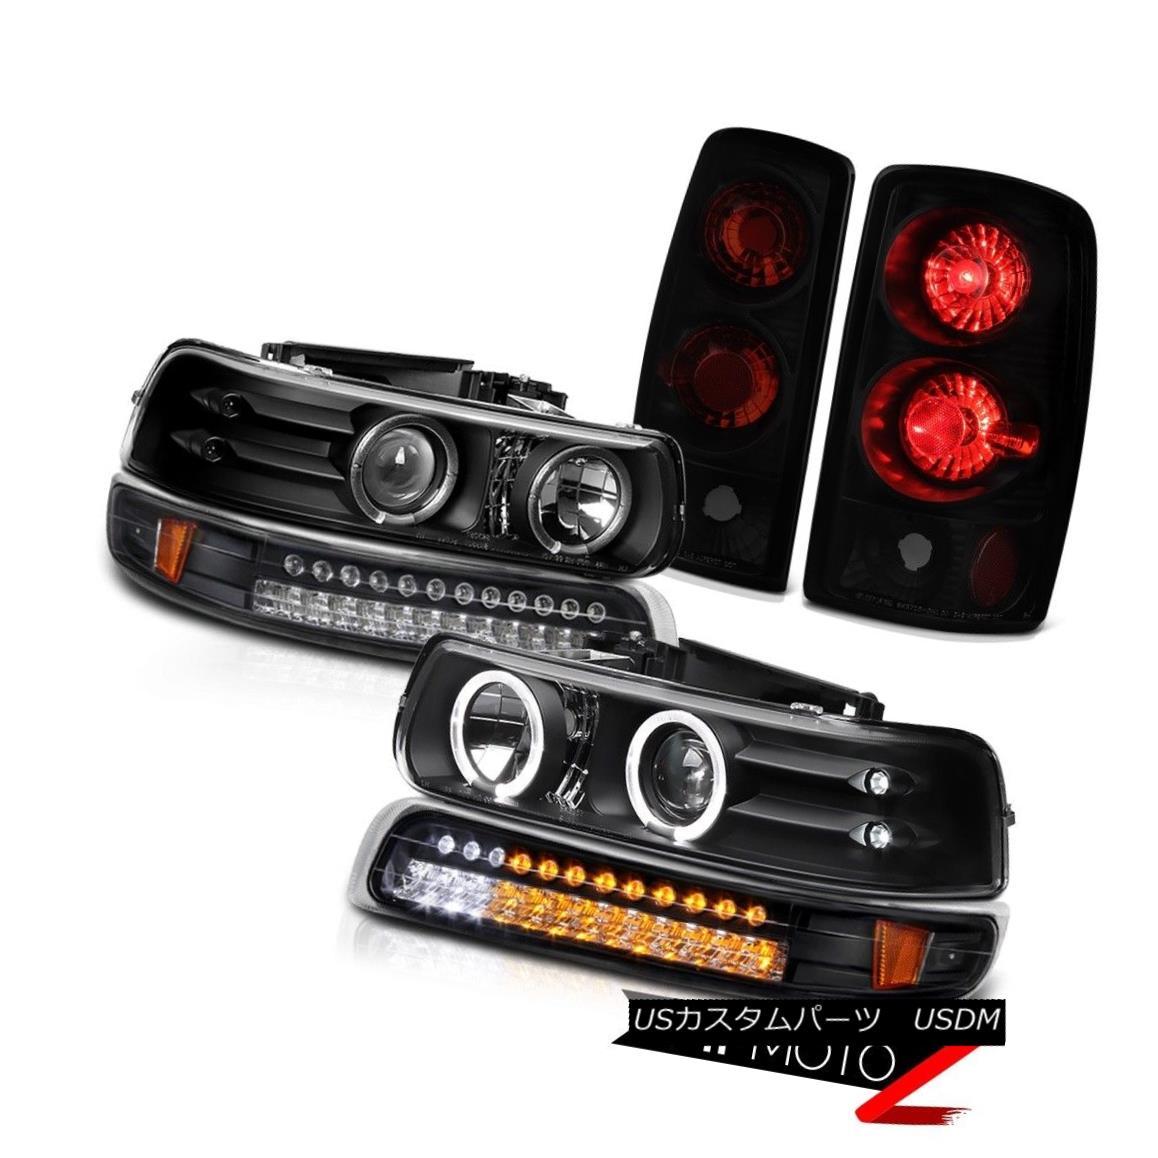 テールライト Projector Headlights LED Bumper Sinister Black Rear Tail Light 00-06 Chevy Tahoe プロジェクターヘッドライトLEDバンパーシニスターブラックリアテールライト00-06 Chevy Tahoe